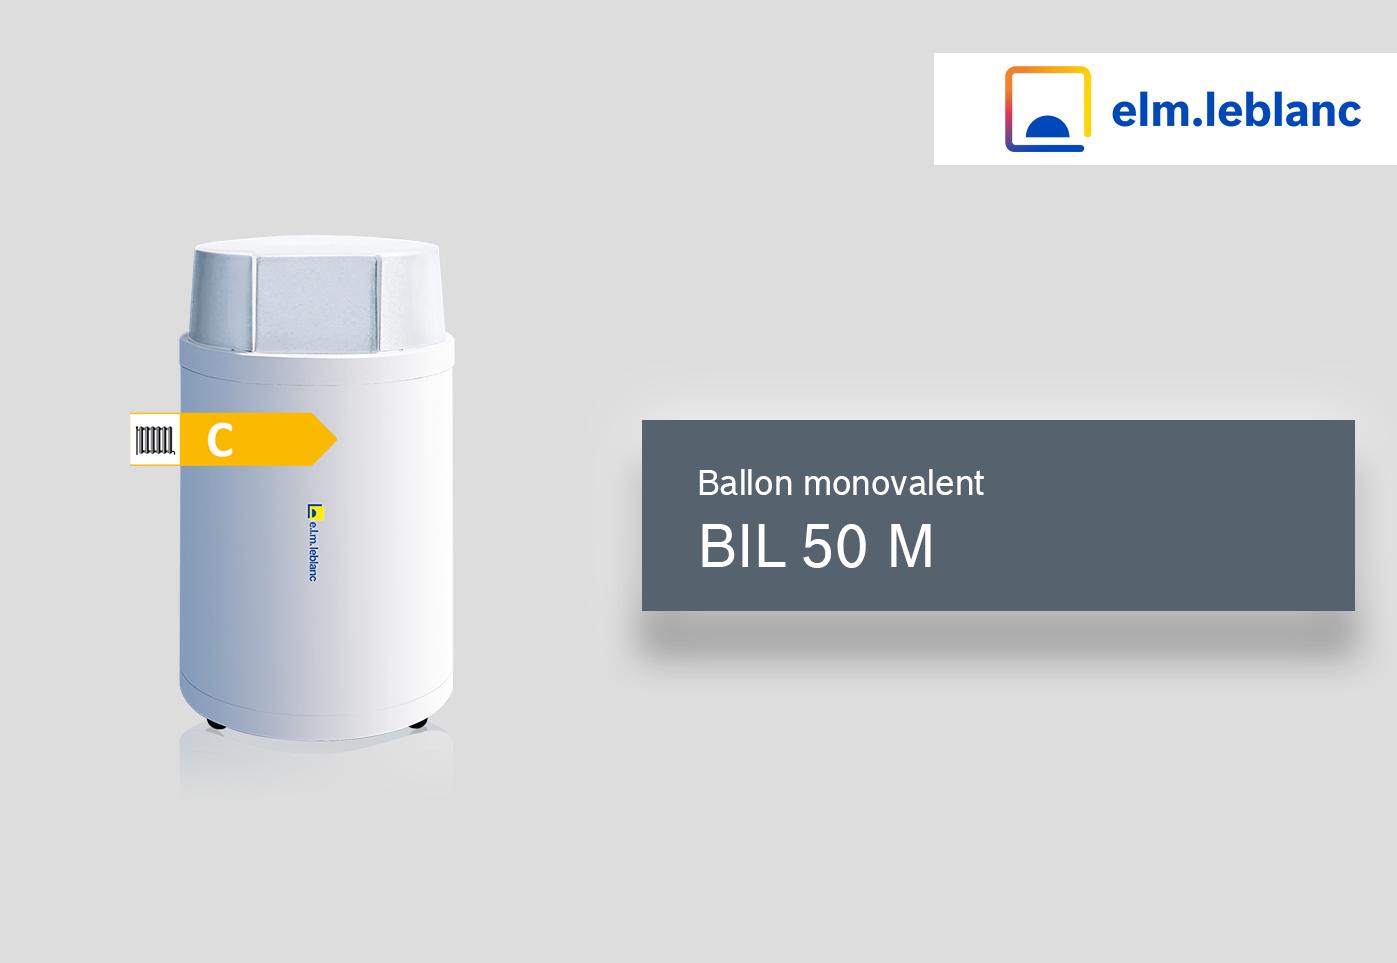 BIL 50 M